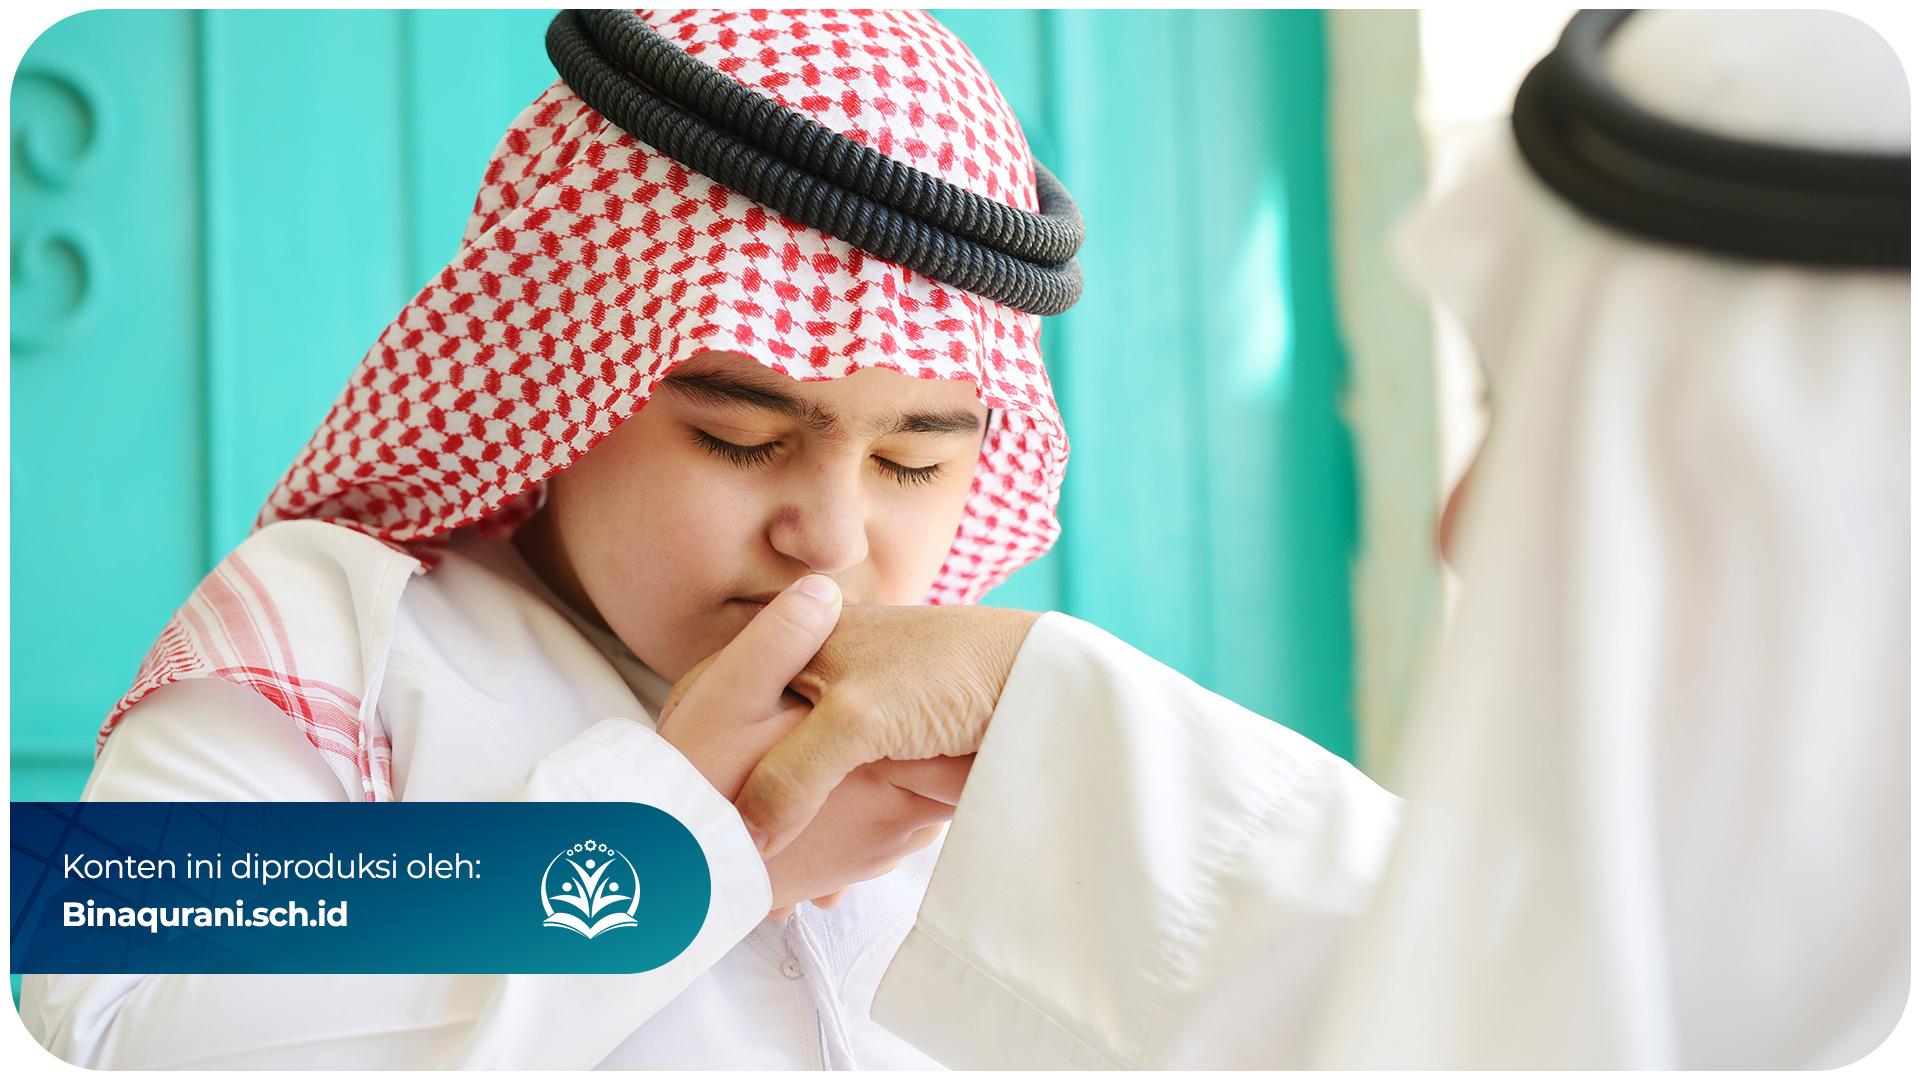 Bina-Qurani-Berbakti-Kepada-Orangtua